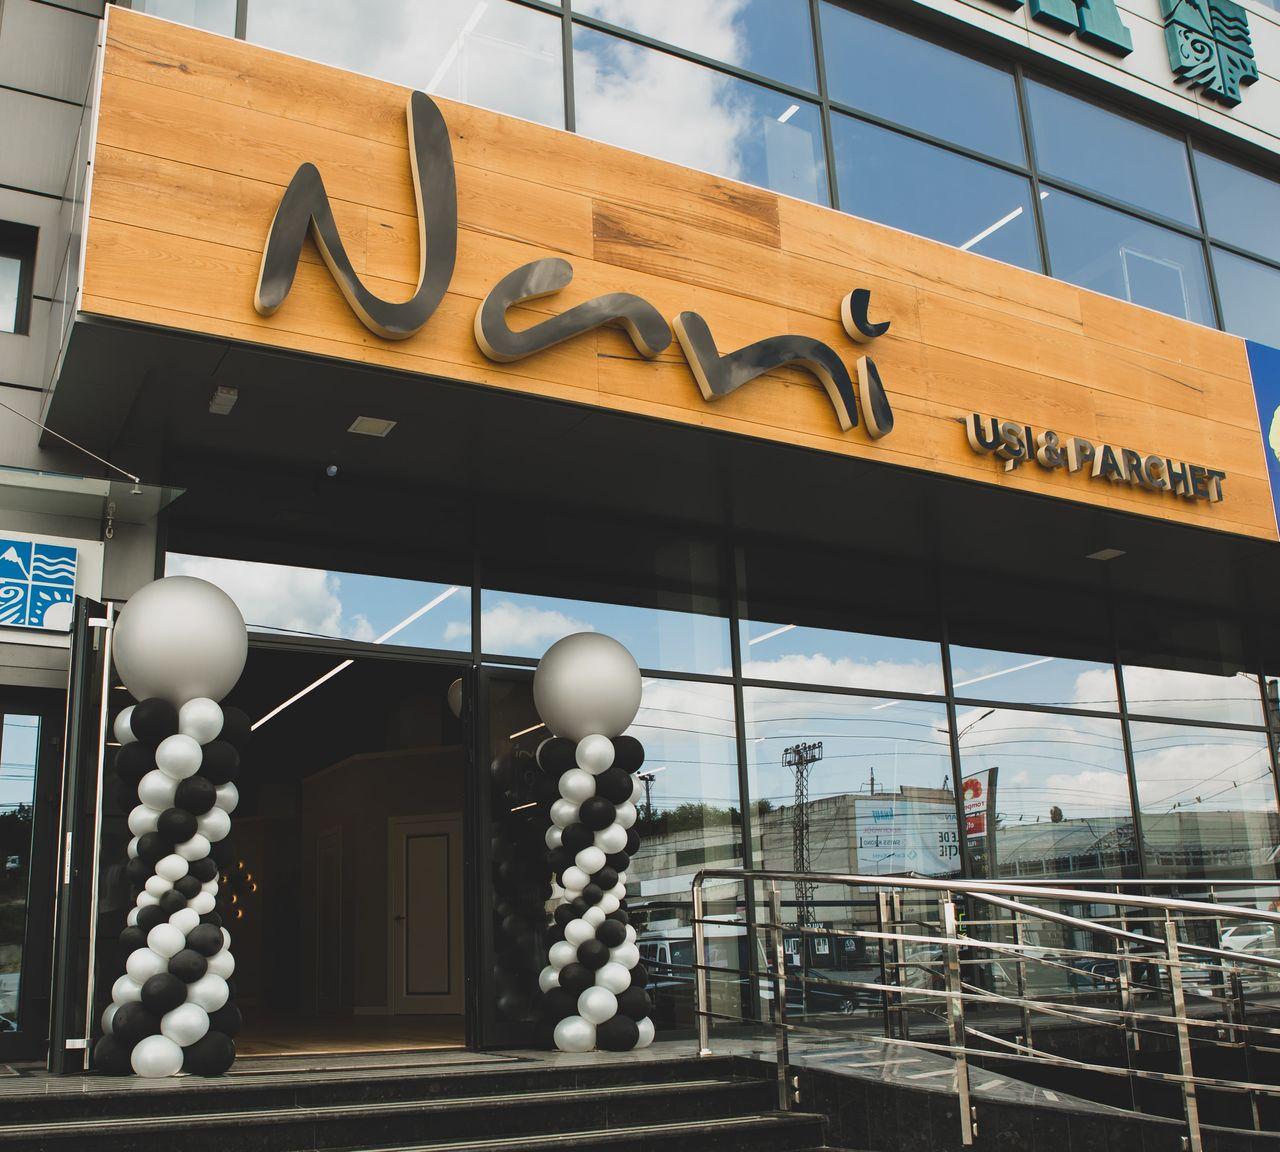 Fabrica de Uși & Parchet «Nani» anunță reduceri la deschiderea noului showroom Ⓟ